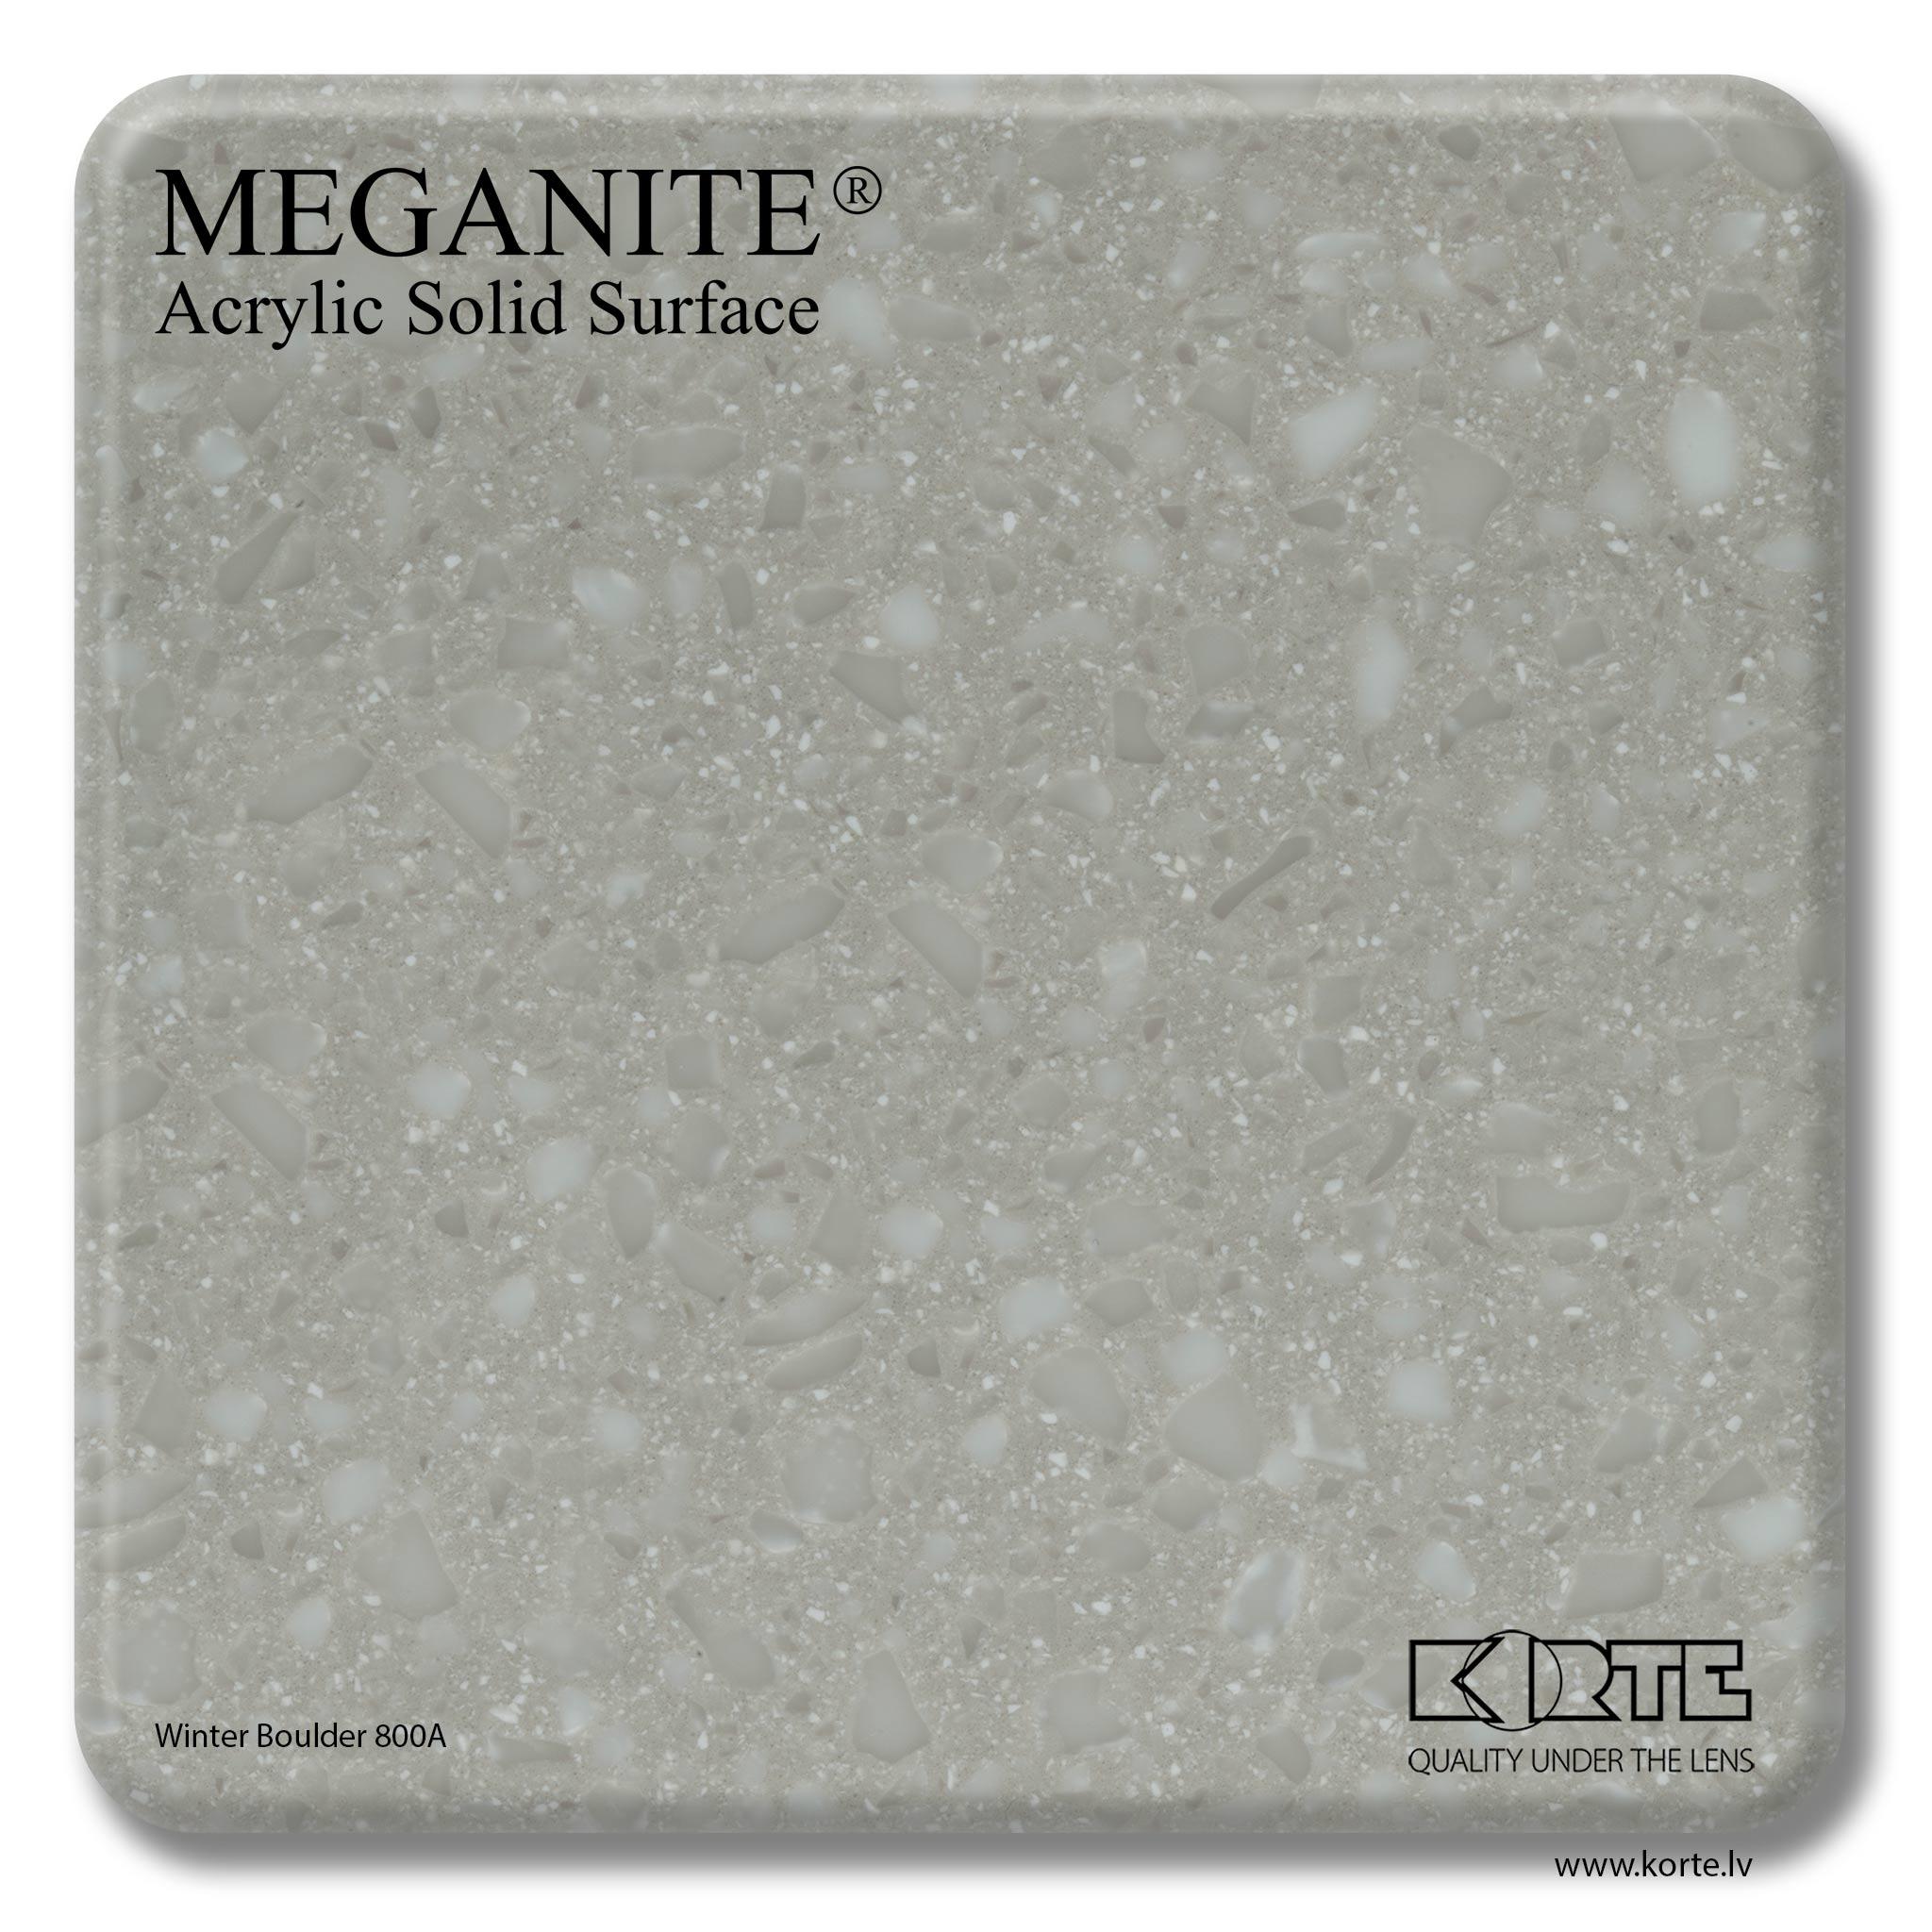 Meganite Winter Boulder 800A